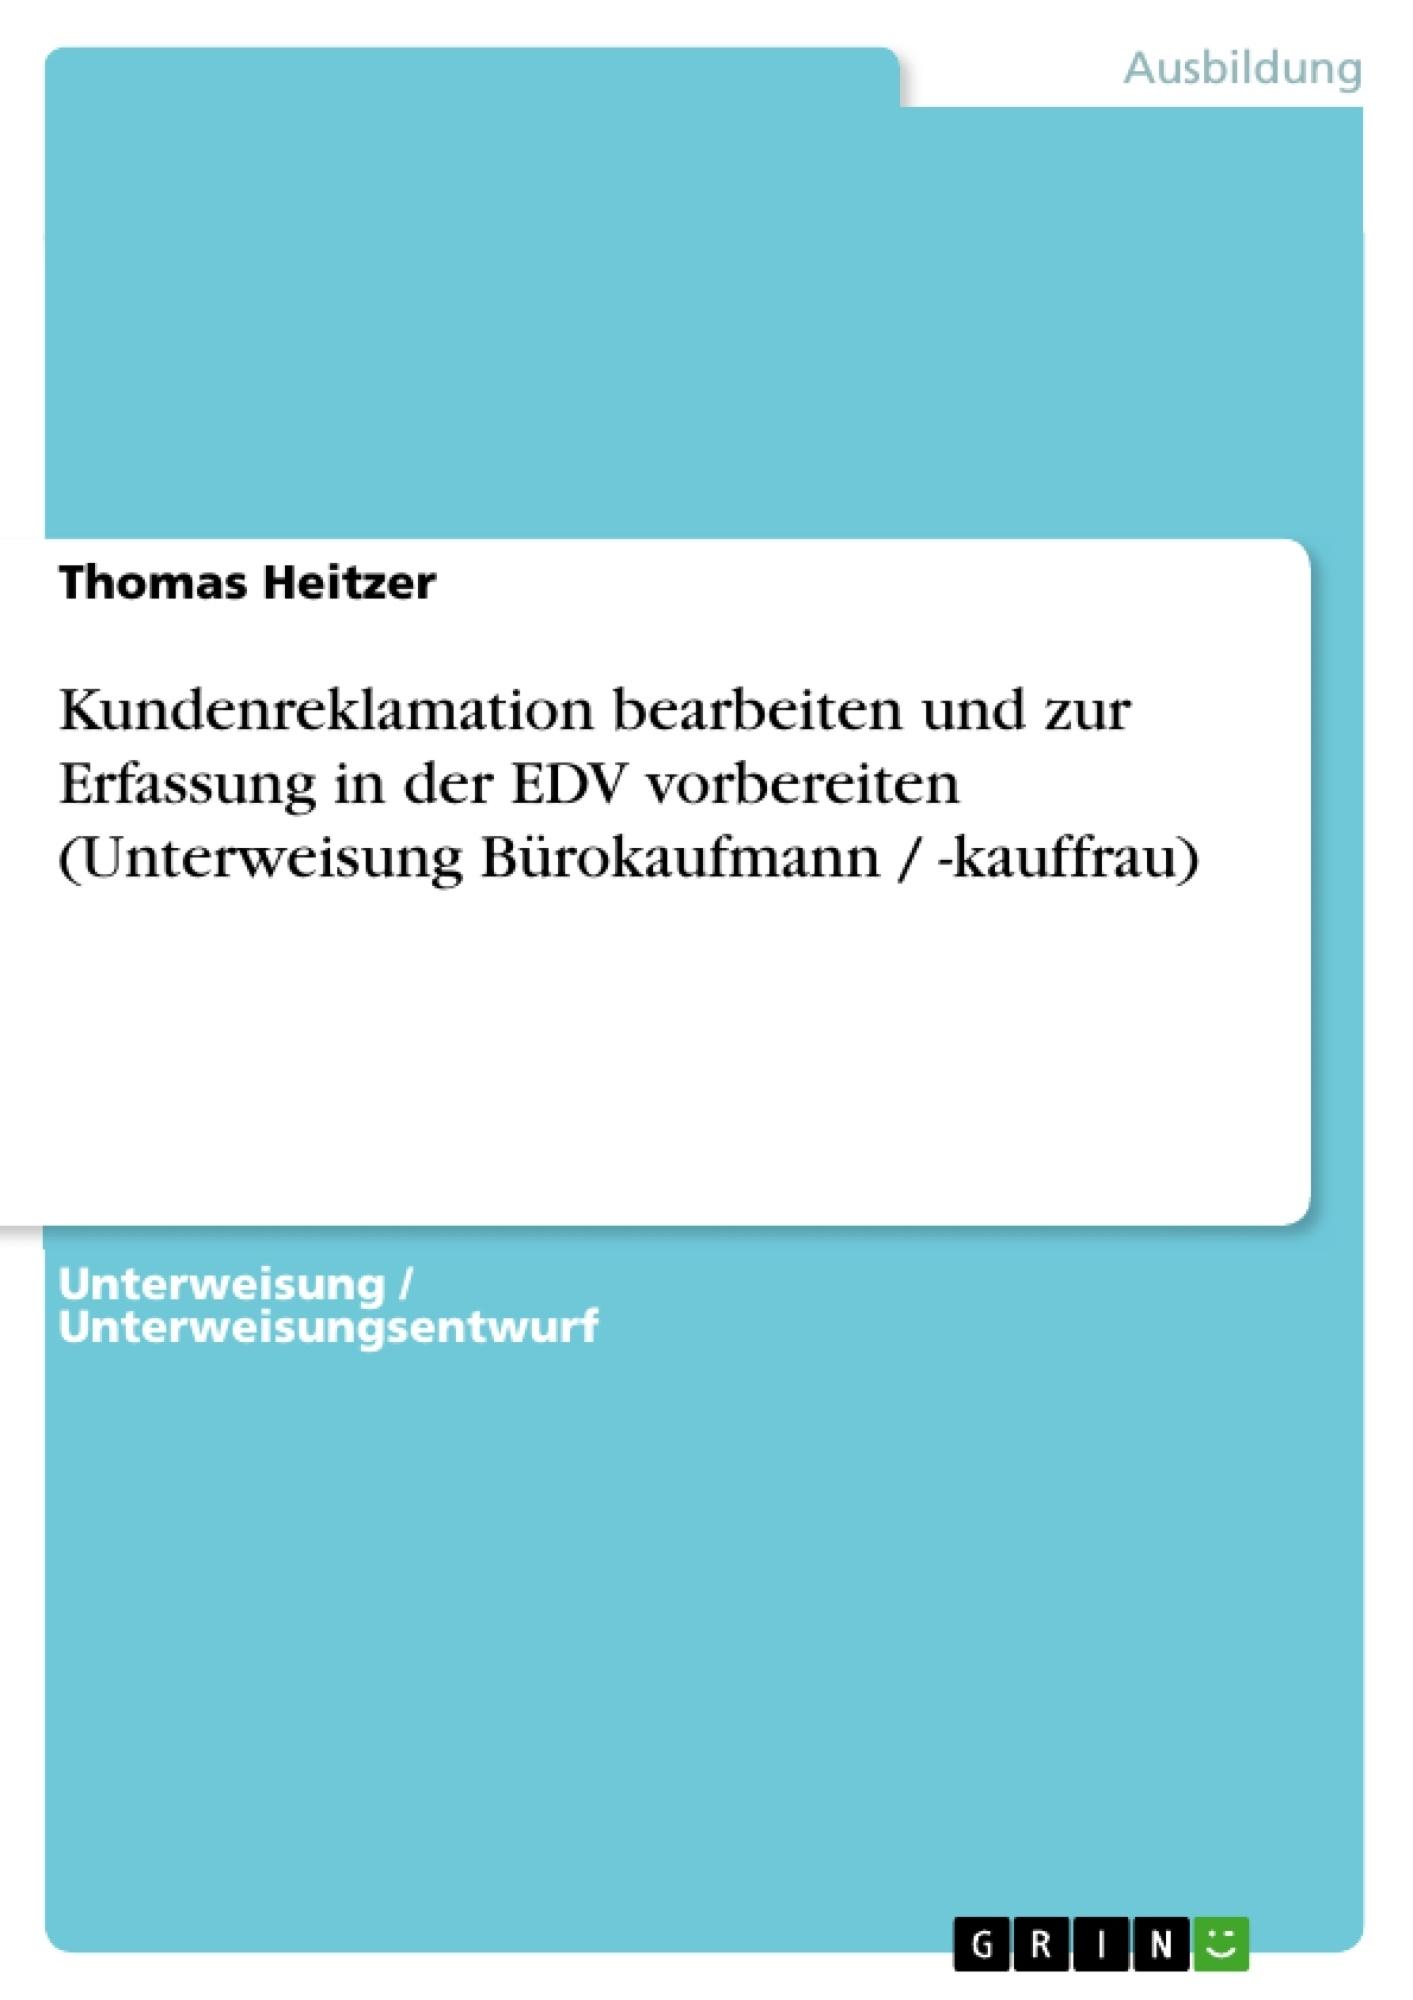 Titel: Kundenreklamation bearbeiten und zur Erfassung in der EDV vorbereiten (Unterweisung Bürokaufmann / -kauffrau)